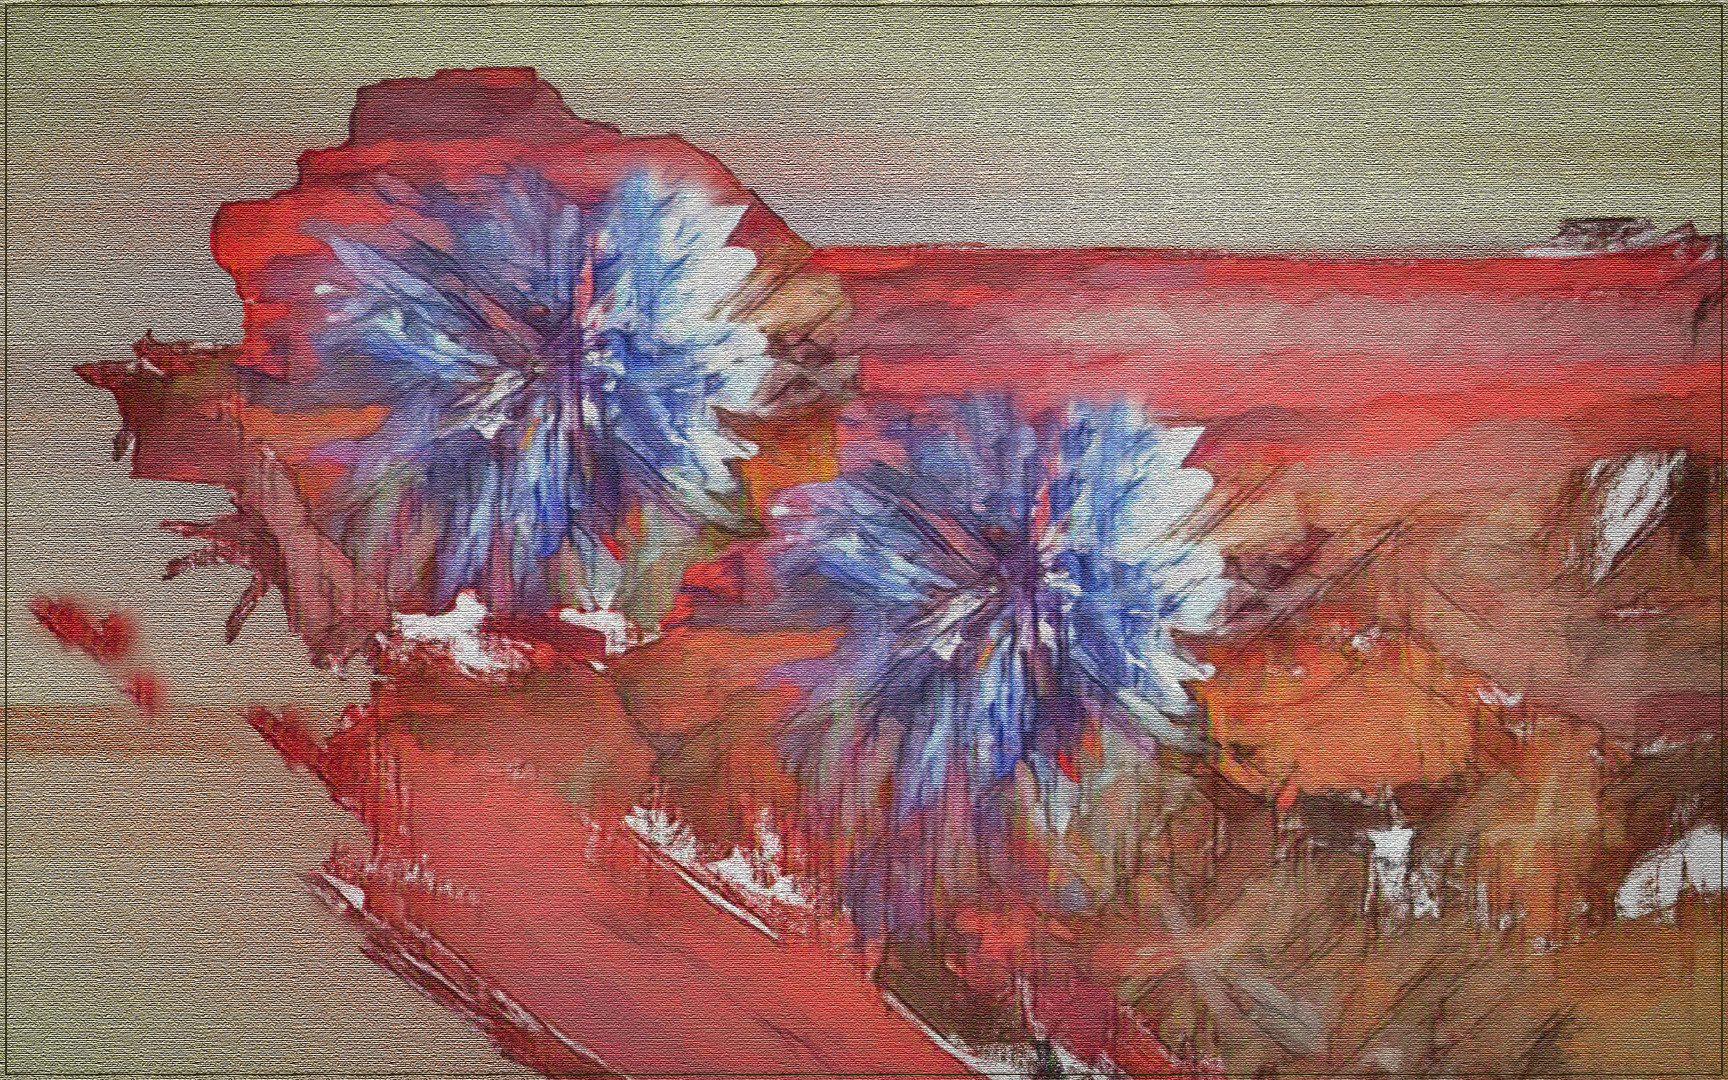 Pintando II